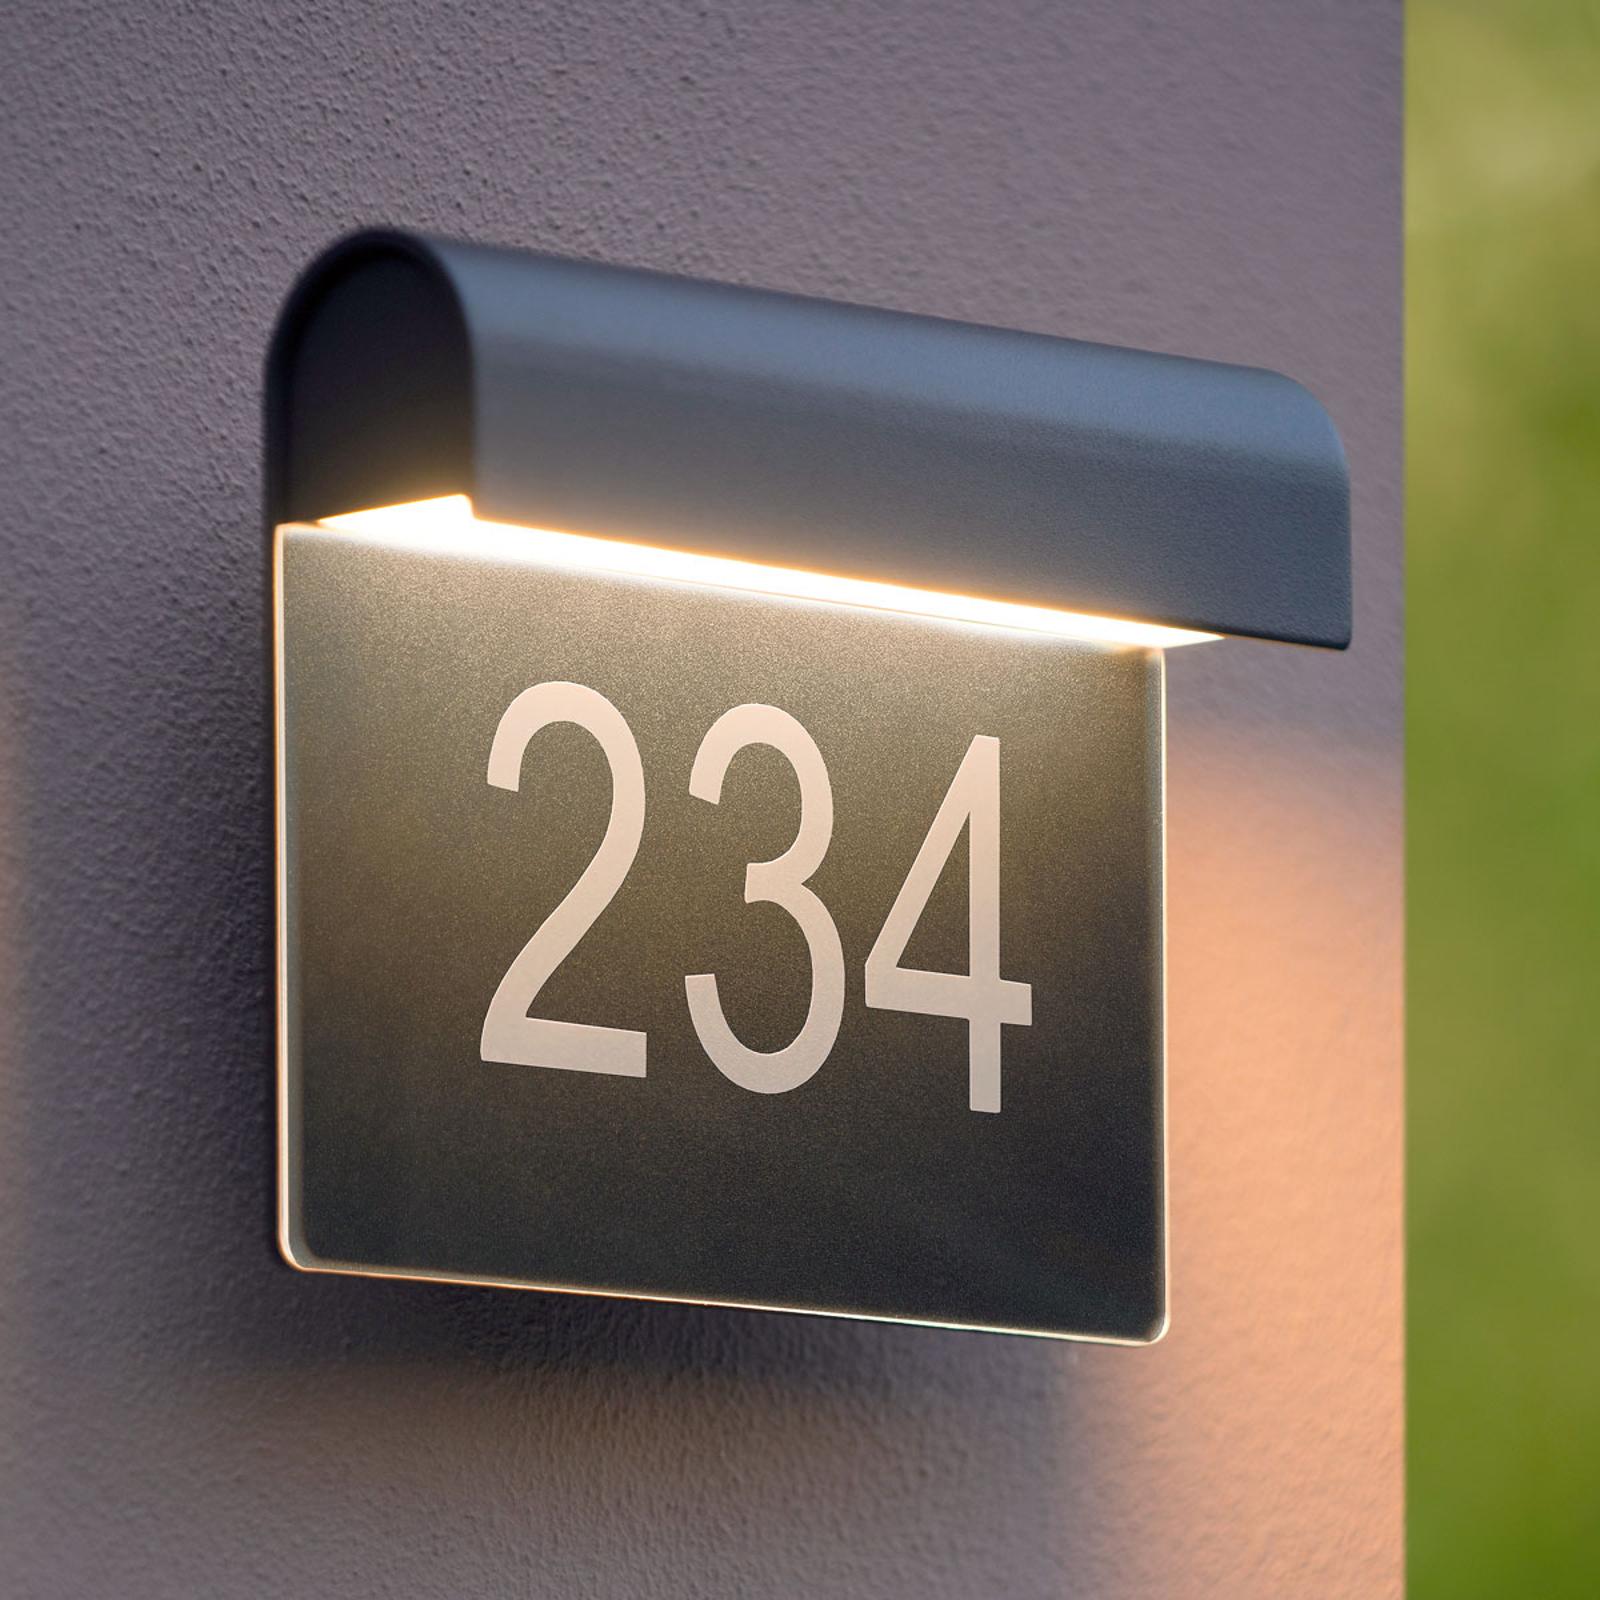 LED-Hausnummernleuchte Thesi, schwarz